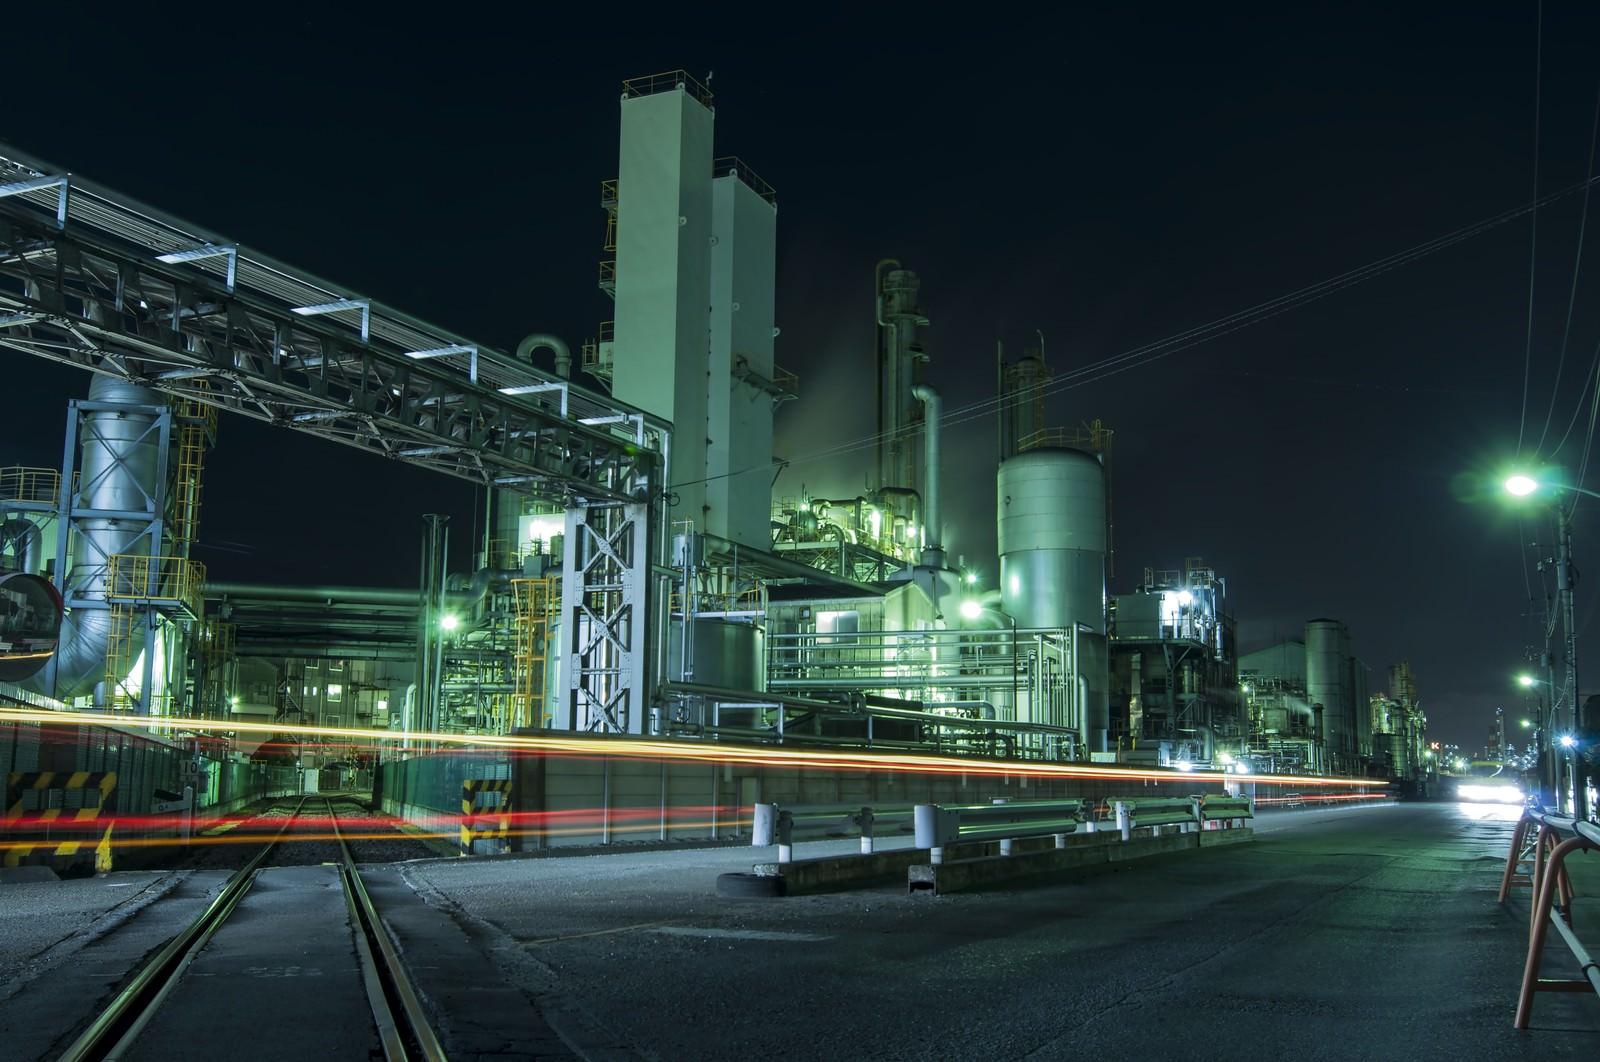 「光が溢れる夜の工場」の写真